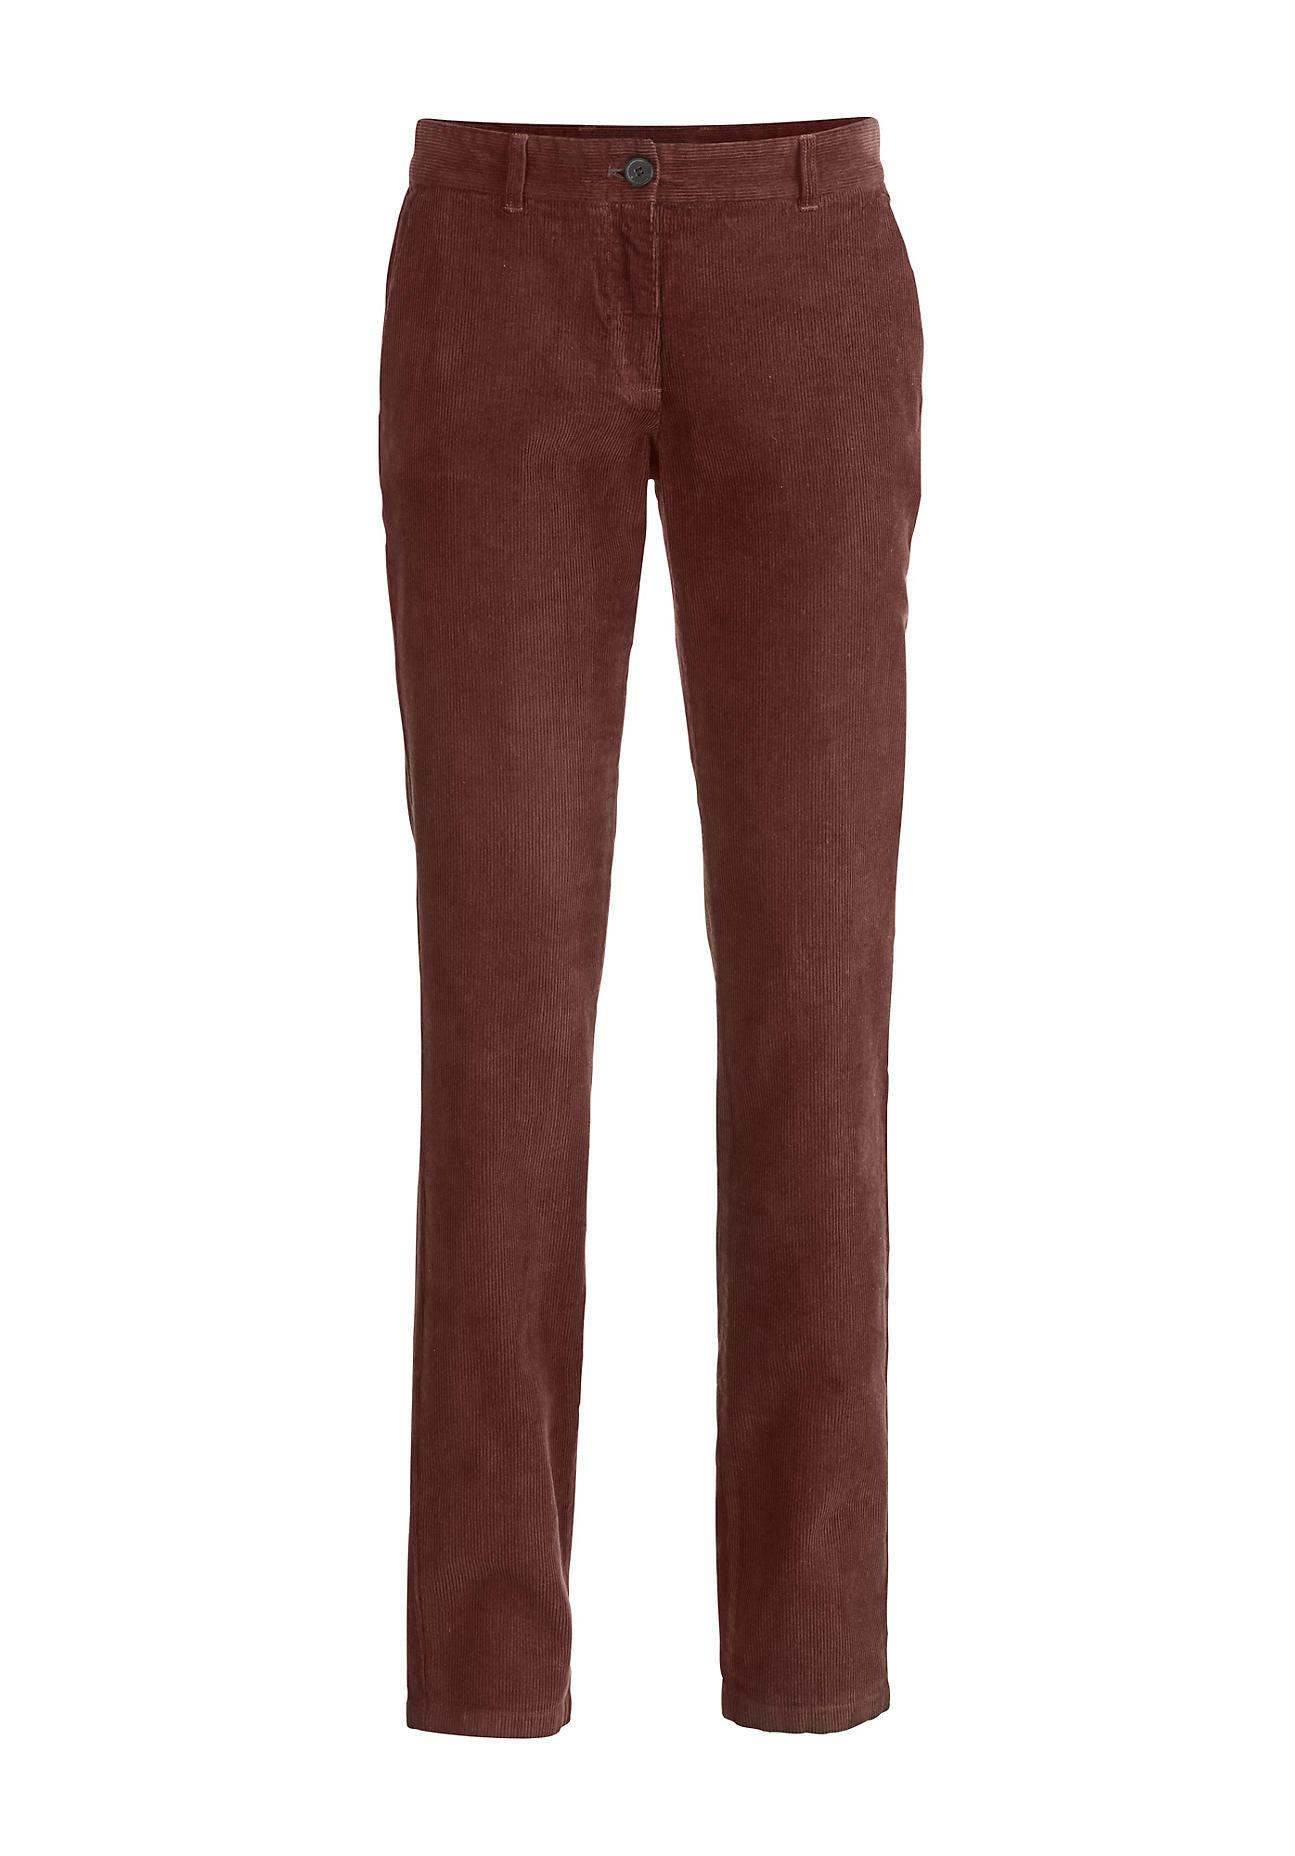 Hosen für Frauen - hessnatur Damen Cord Hose aus Hanf mit Bio Baumwolle – rot –  - Onlineshop Hessnatur